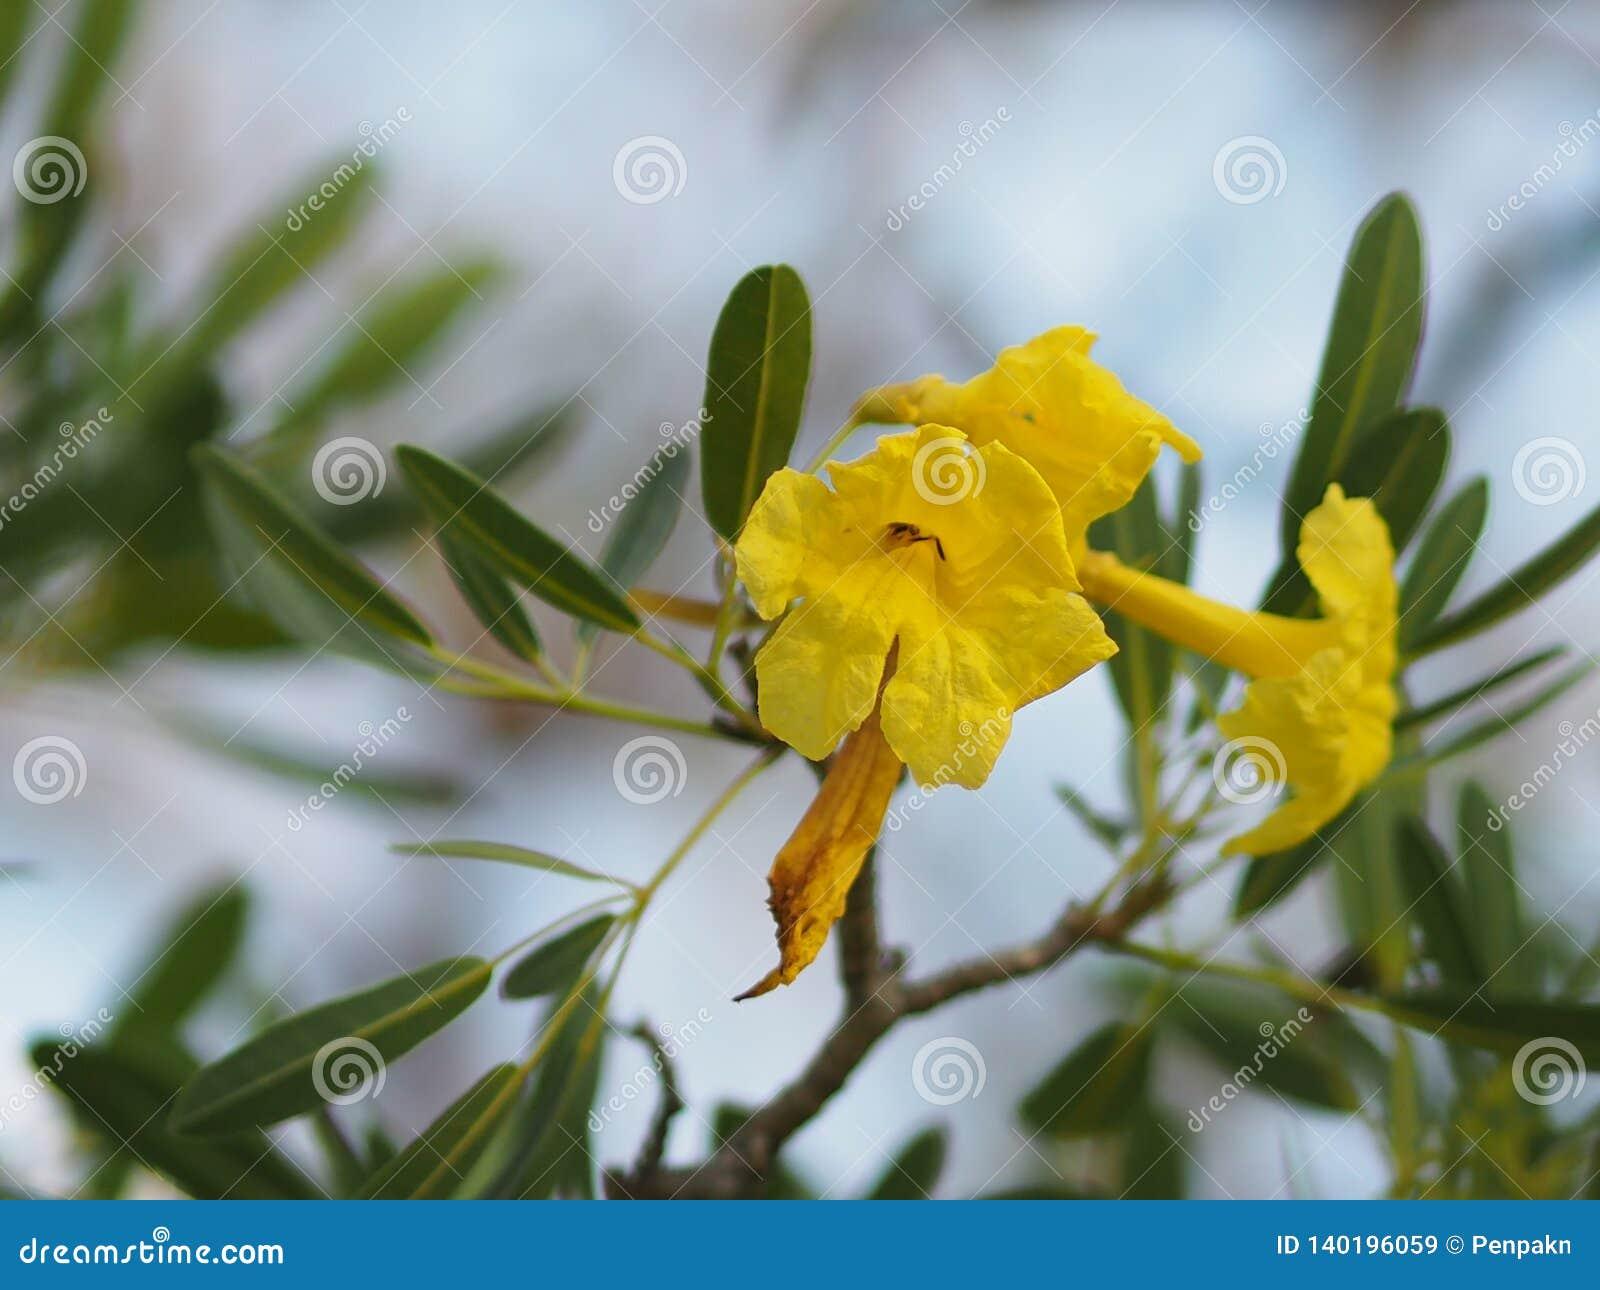 Van de oleanderapocynaceae van Nerium van de bloemblaadjebreekbaarheid van de de Oleander de Zoete Oleander gele Bloem van Rose B